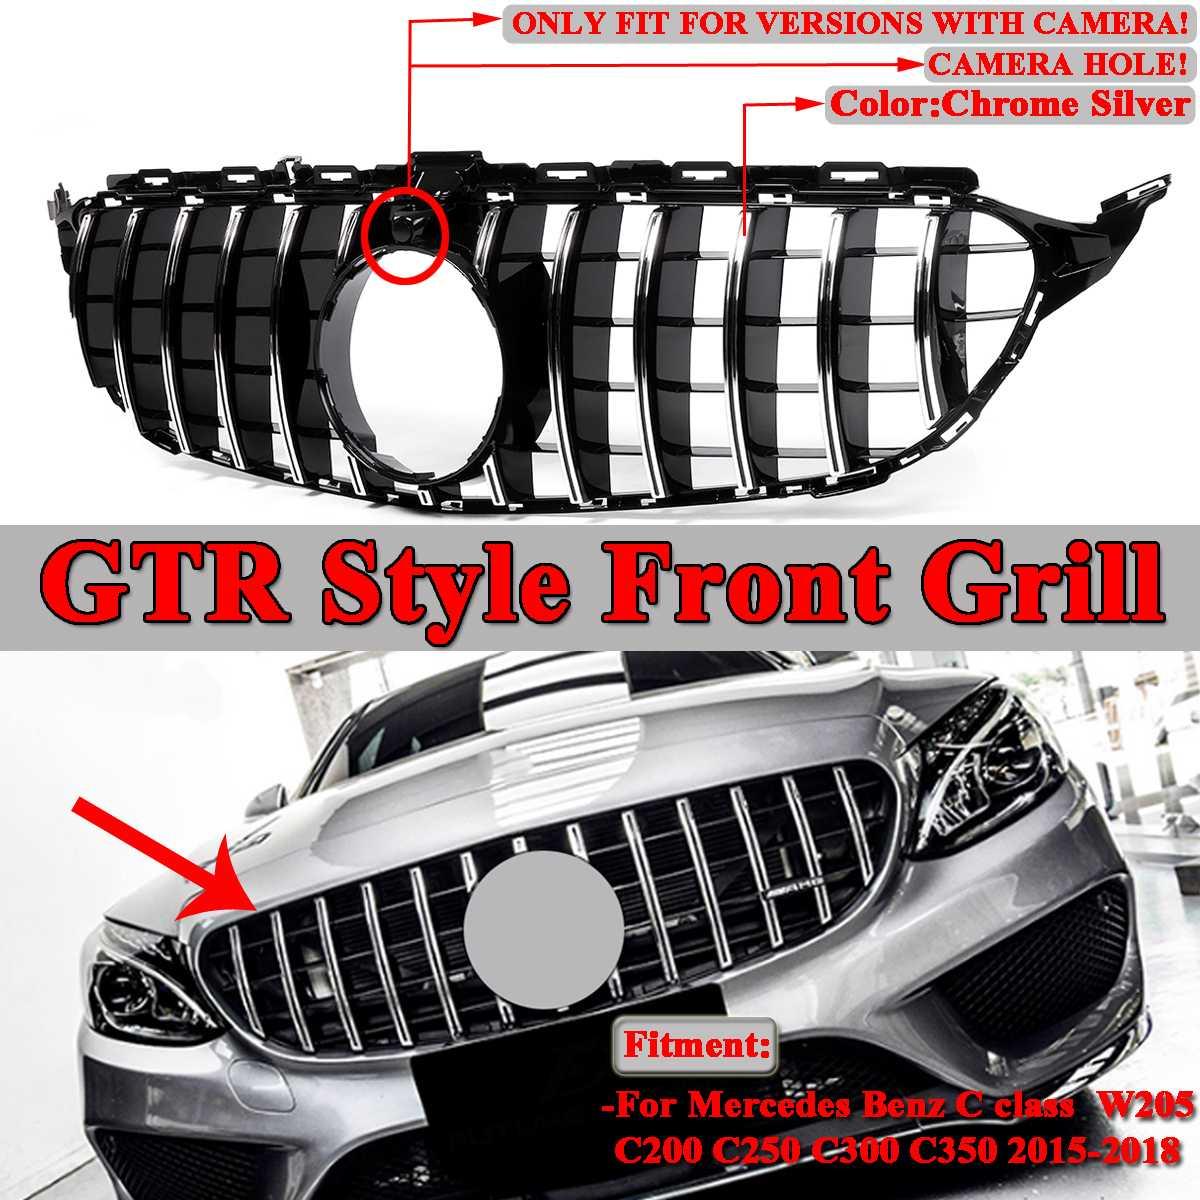 W205 GTR GT R Stil Auto Front Grill Schwarz/Chrom Silber Für Mercedes Für Benz W205 C200 C250 c300 C350 2015-2018 2Dr/4Dr